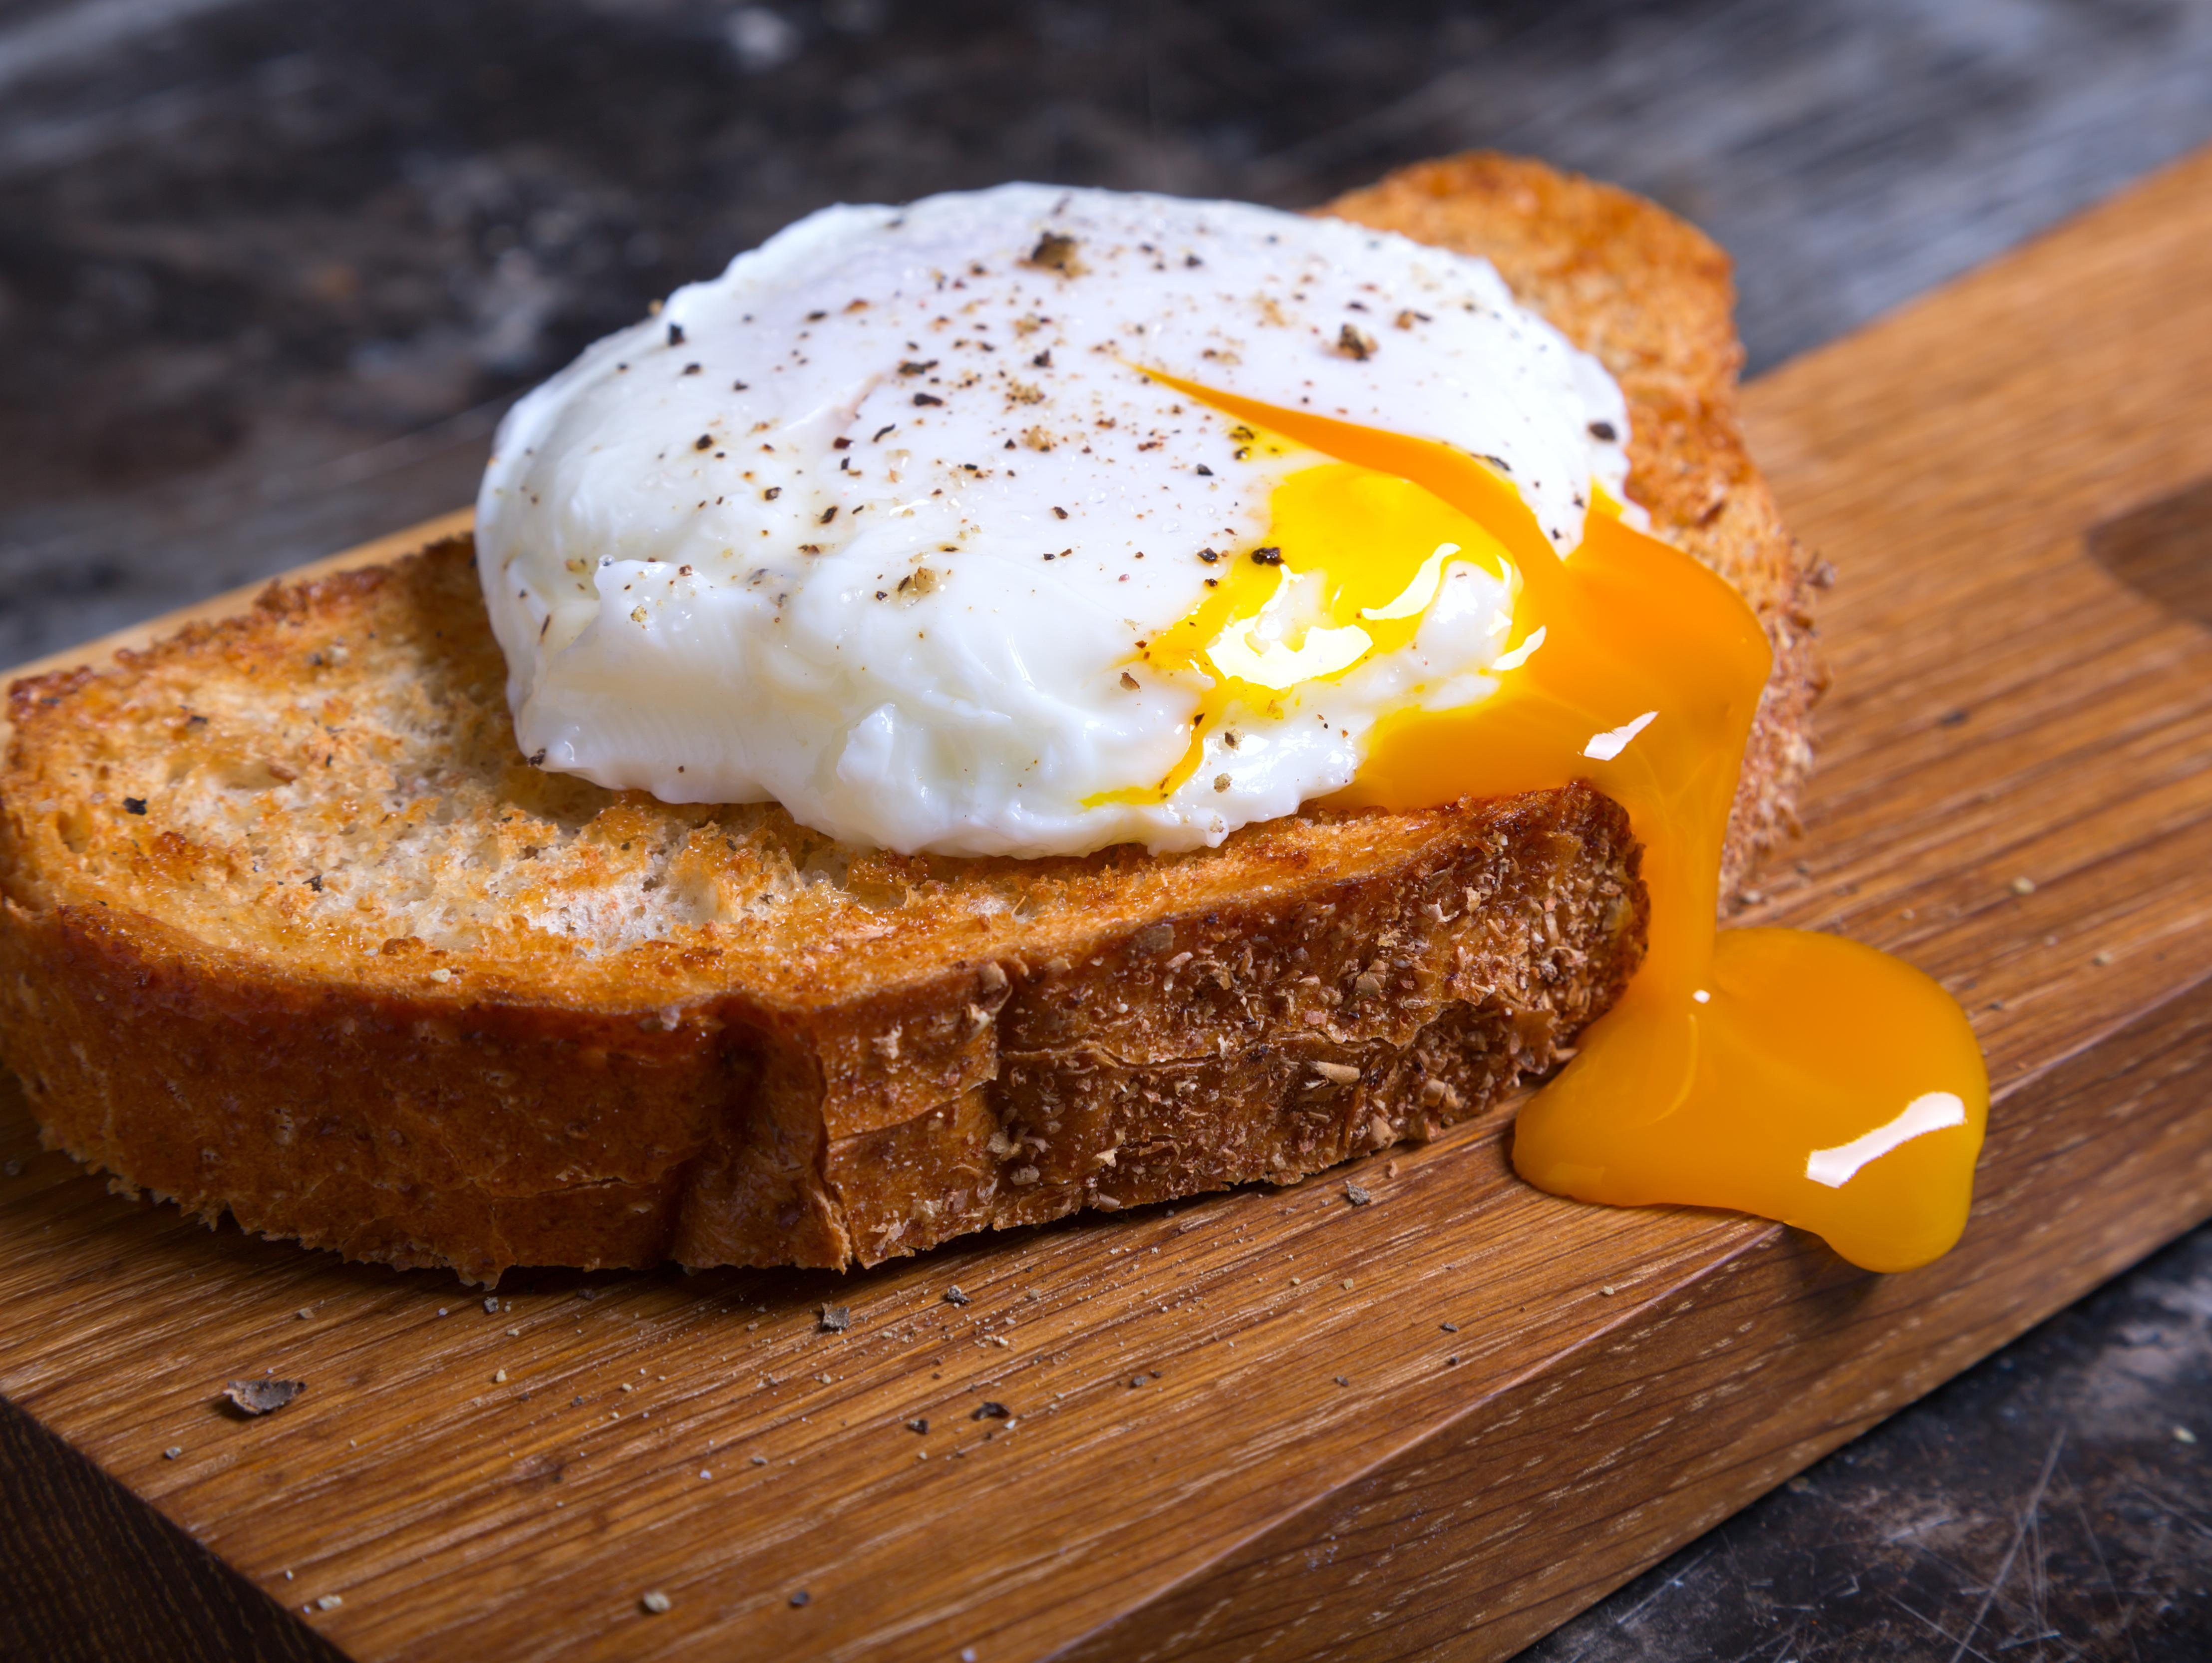 אכילת ביצה ליום מפחיתה את הסיכון למחלות לב ושבץ